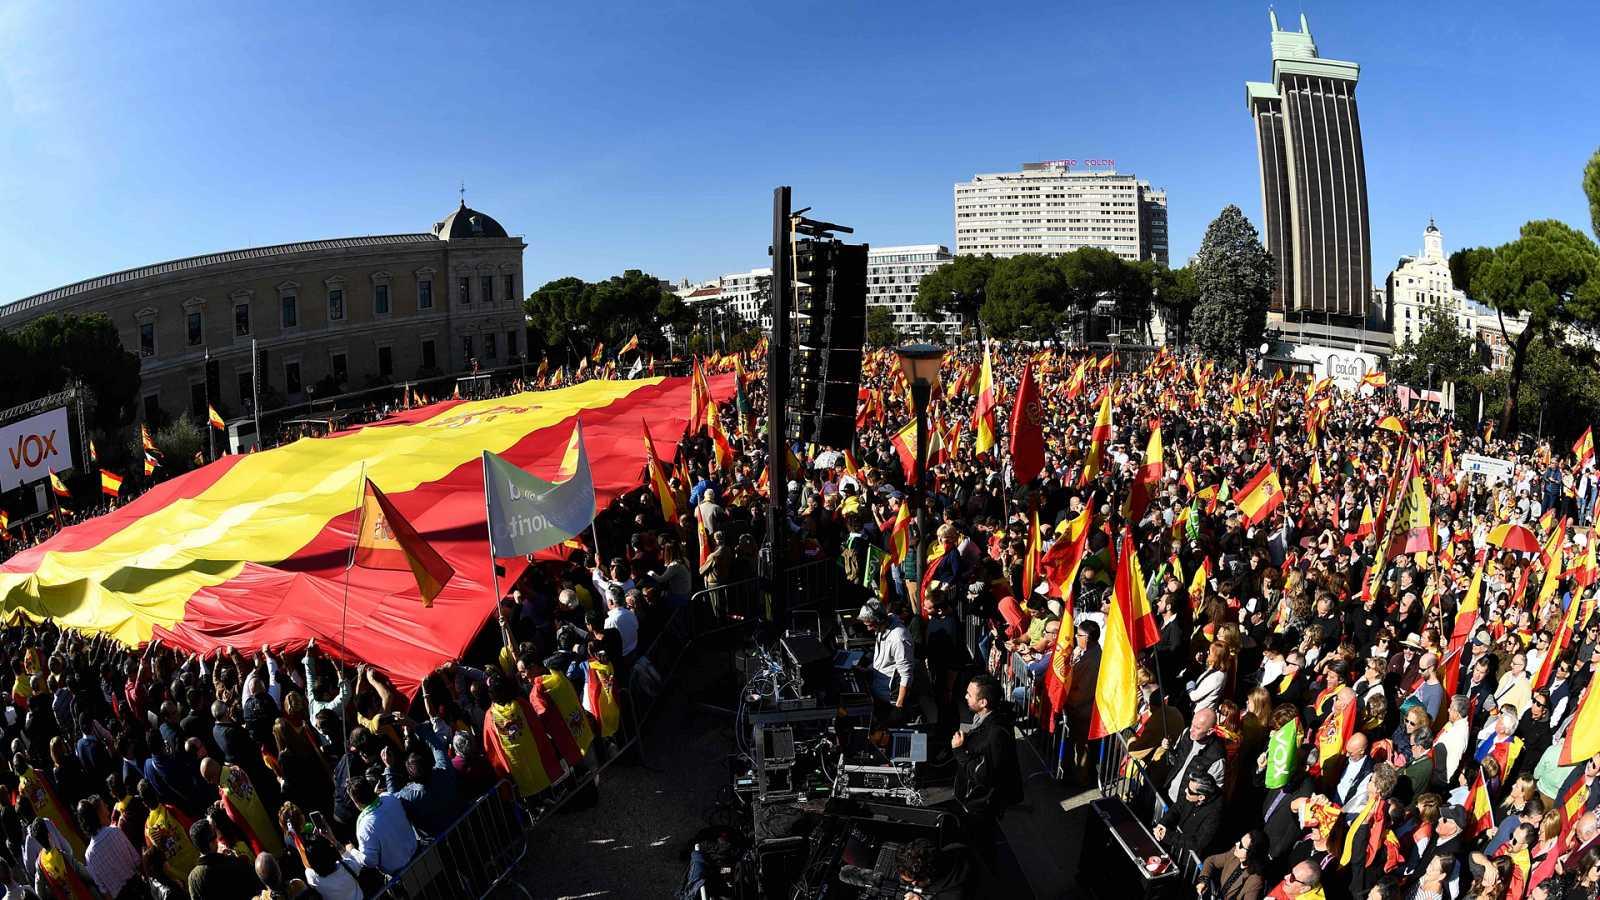 Acto masivo organizado en la plaza de Colón por determinados partidos políticos, con una bandera de España gigante.